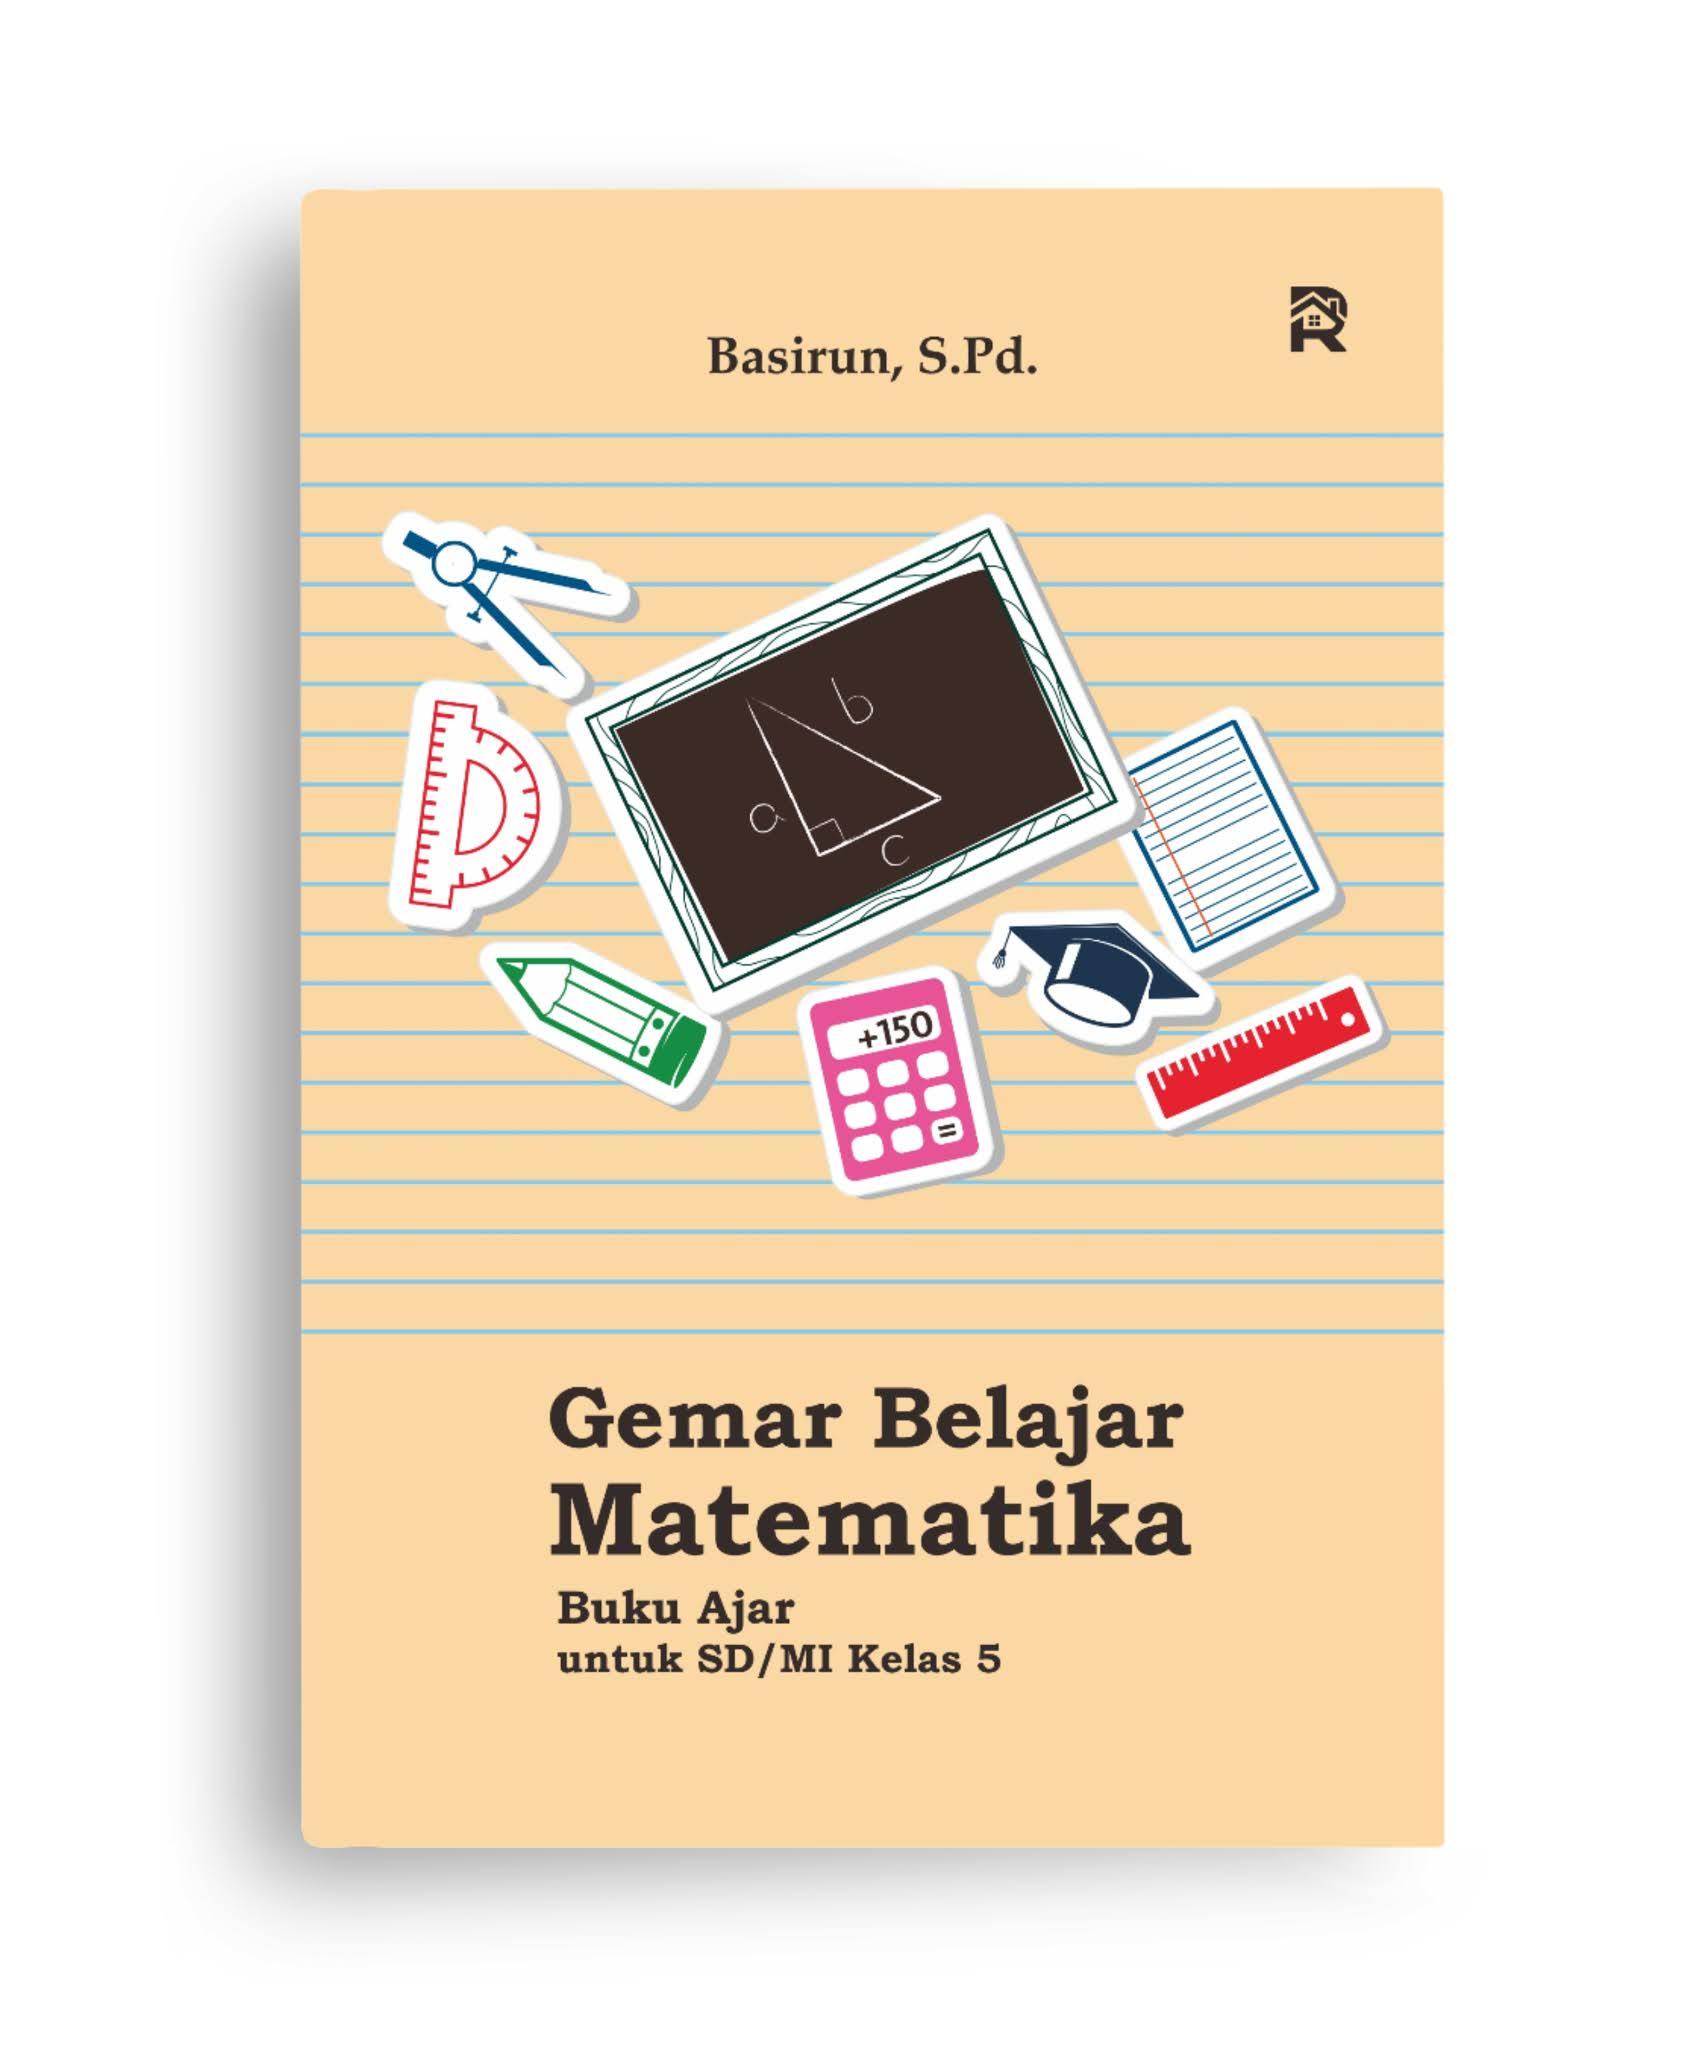 Gemar Belajar Matematika (Buku Ajar untuk SD/MI Kelas 5)